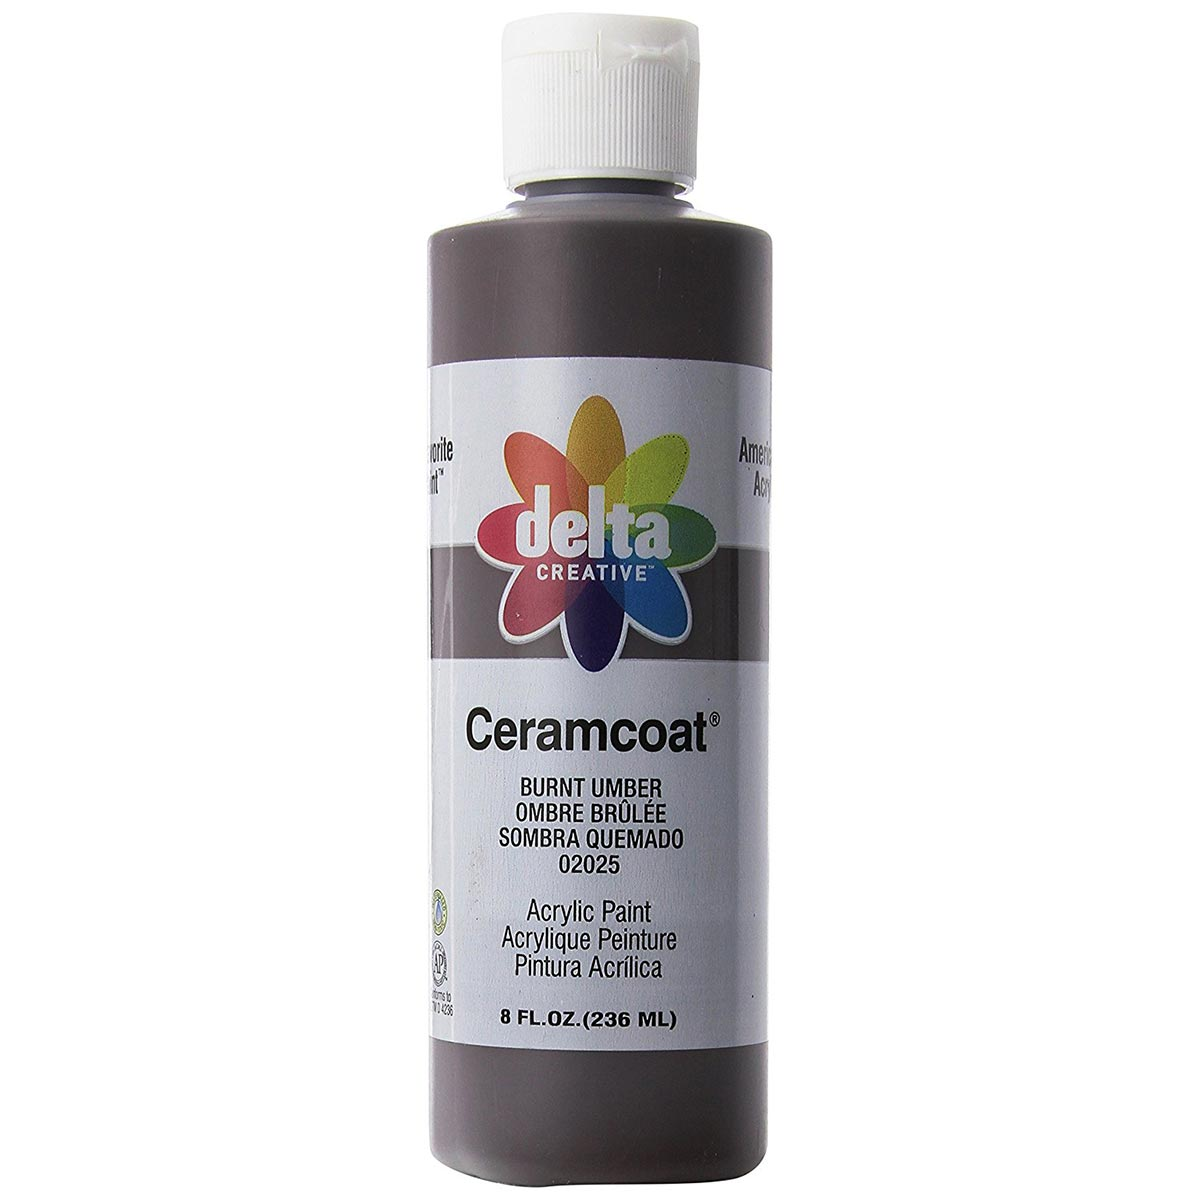 Delta Ceramcoat ® Acrylic Paint - Burnt Umber, 8 oz.